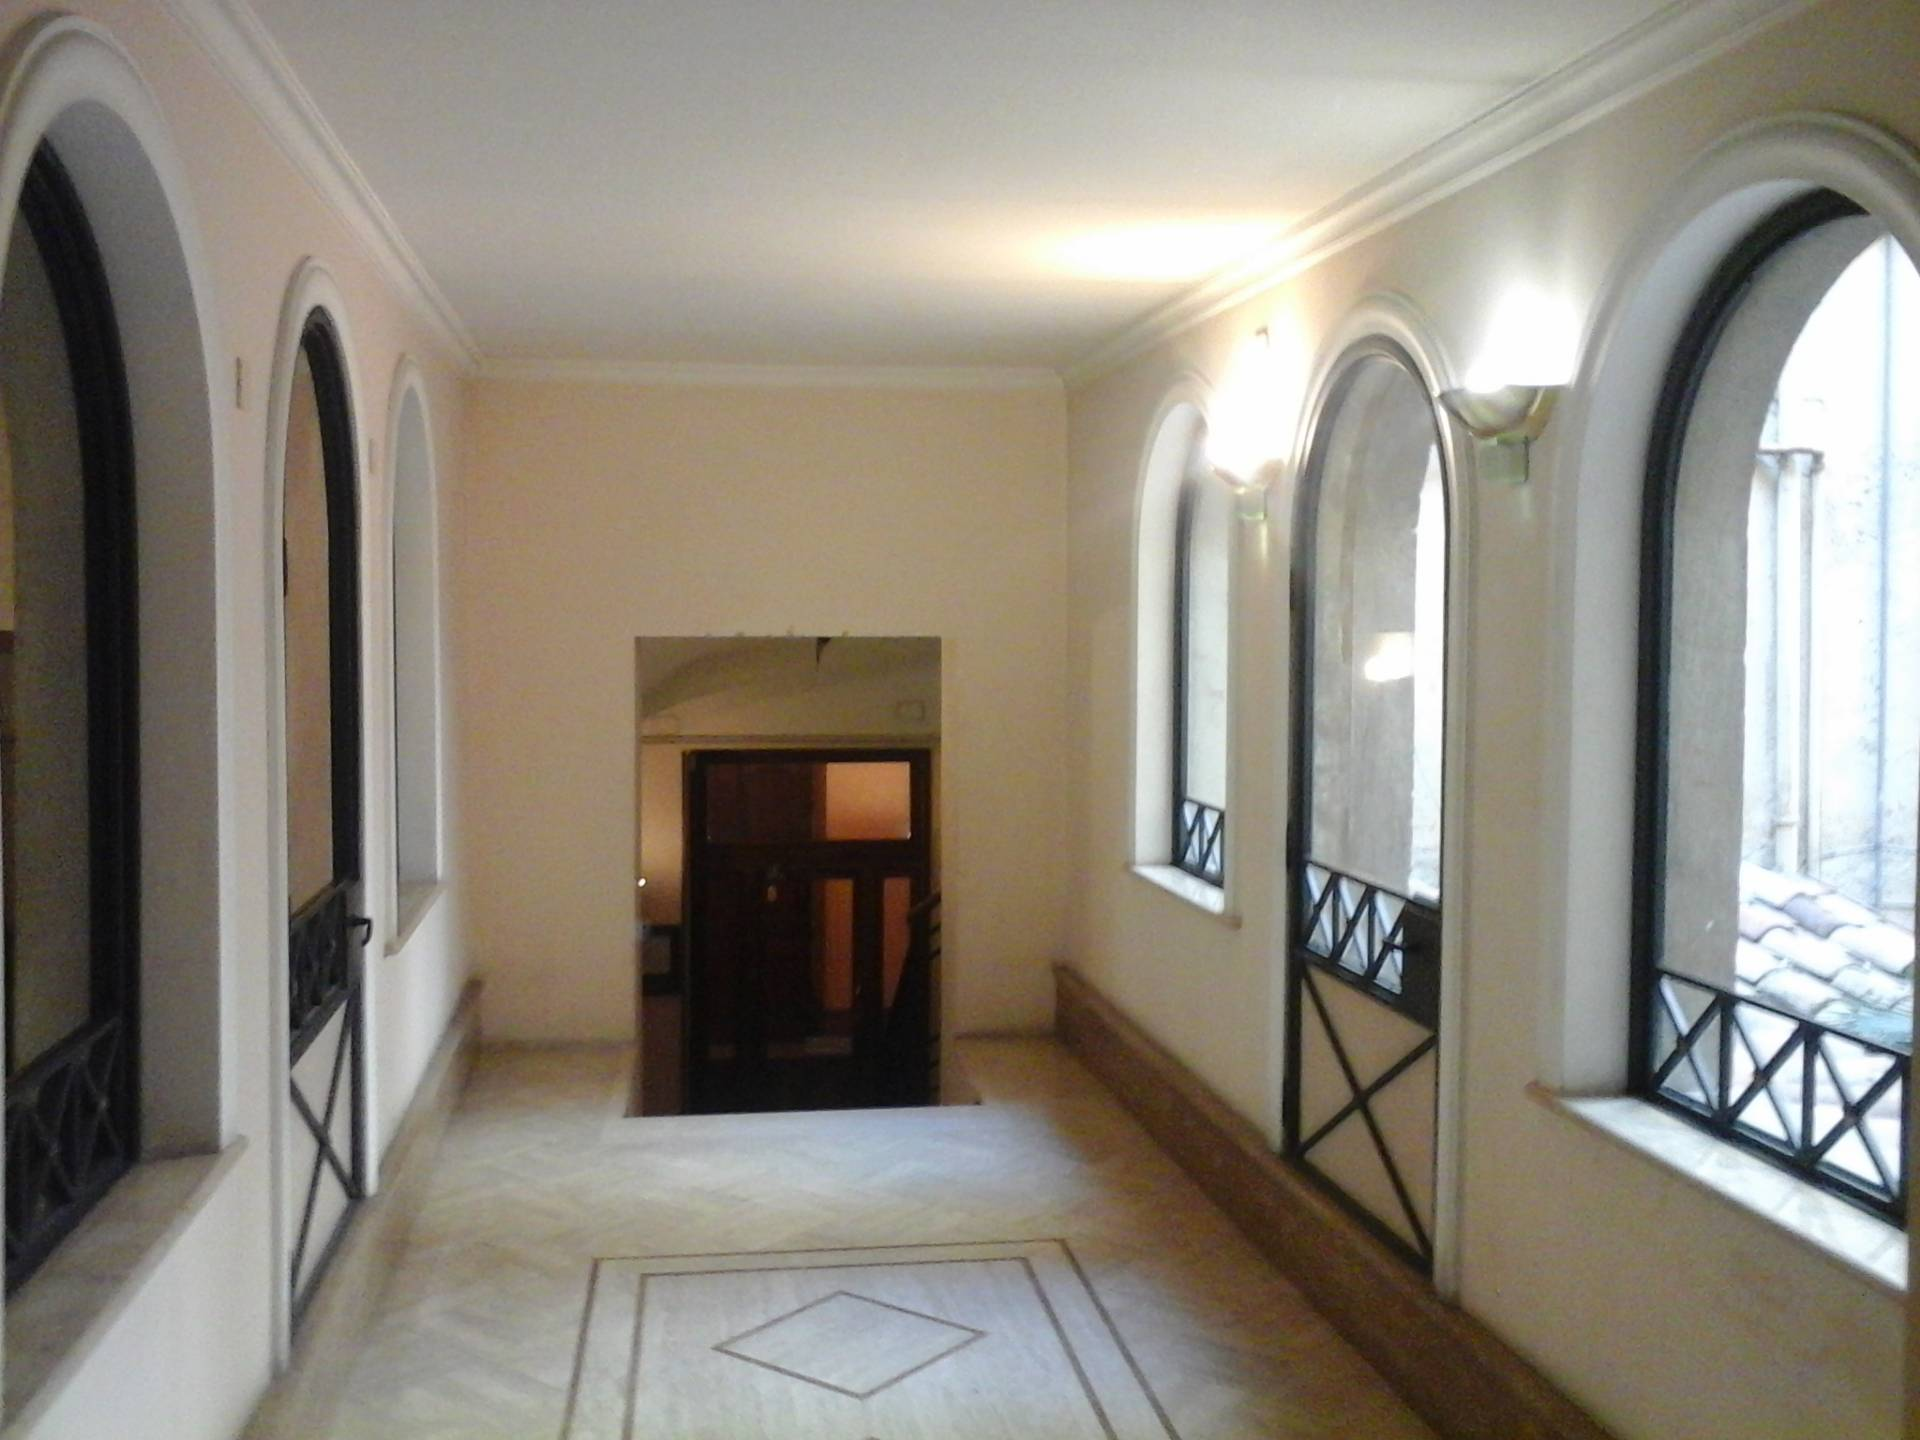 Studio ufficio in affitto a roma cod 001 1370 for Studio affitto roma